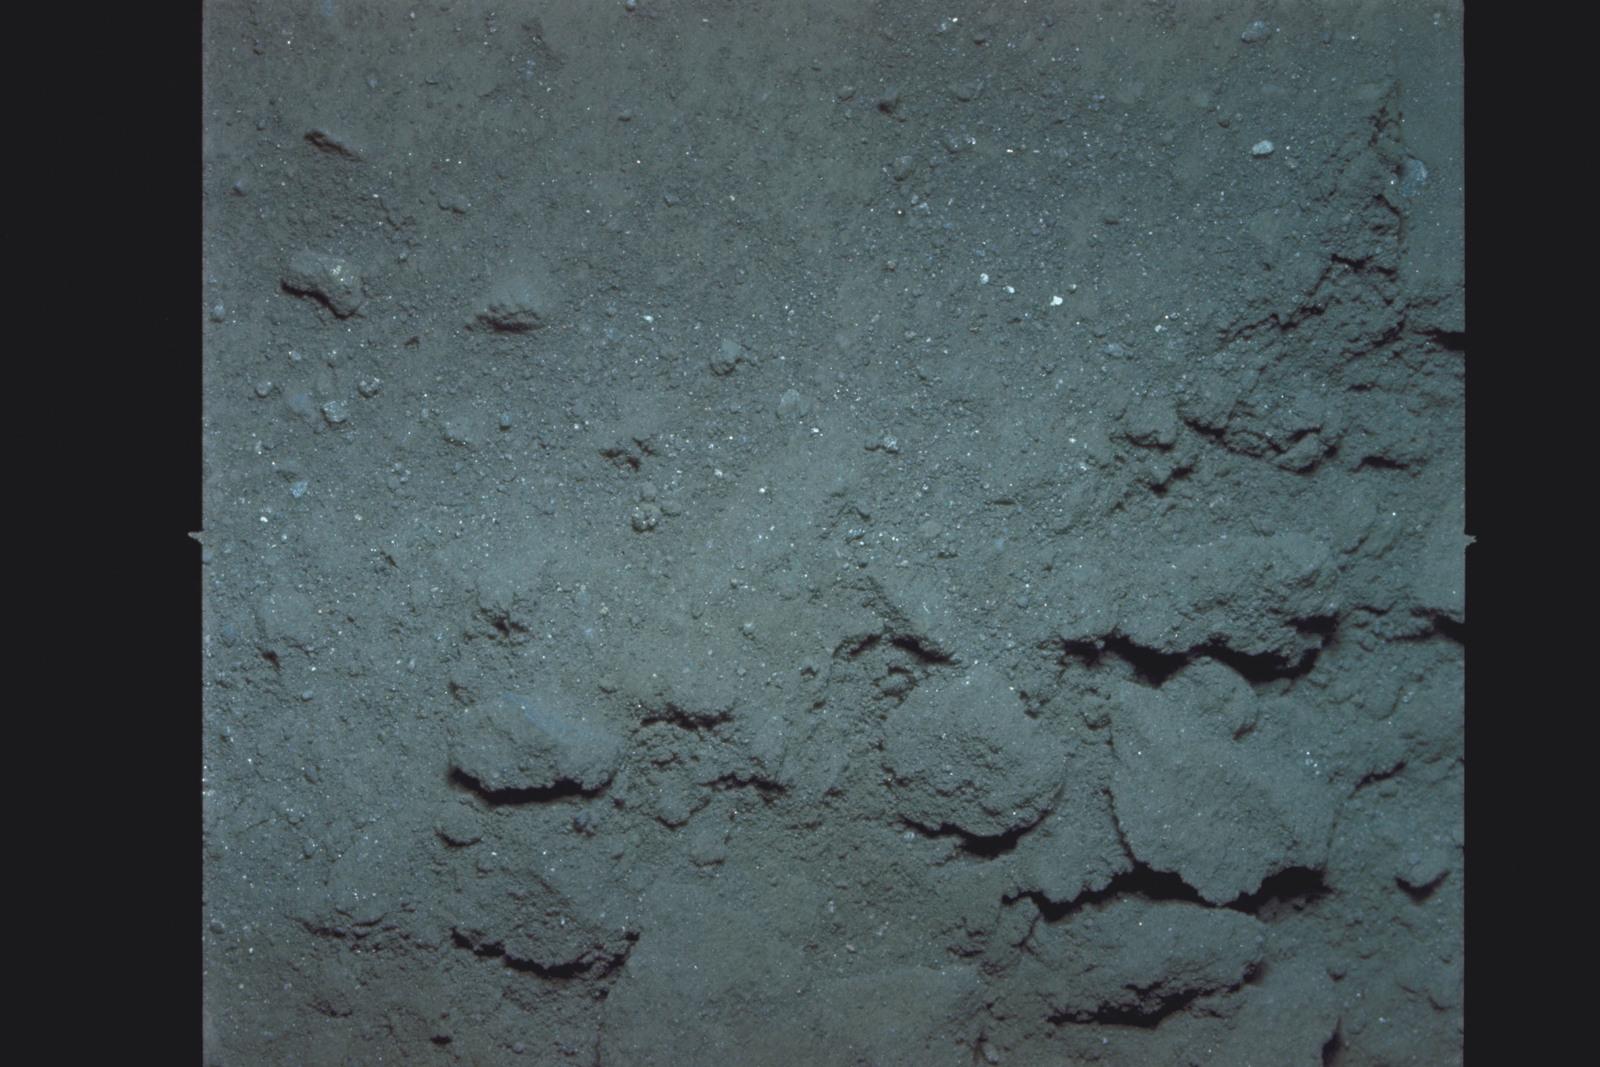 AS11-45-6705b - Apollo 11